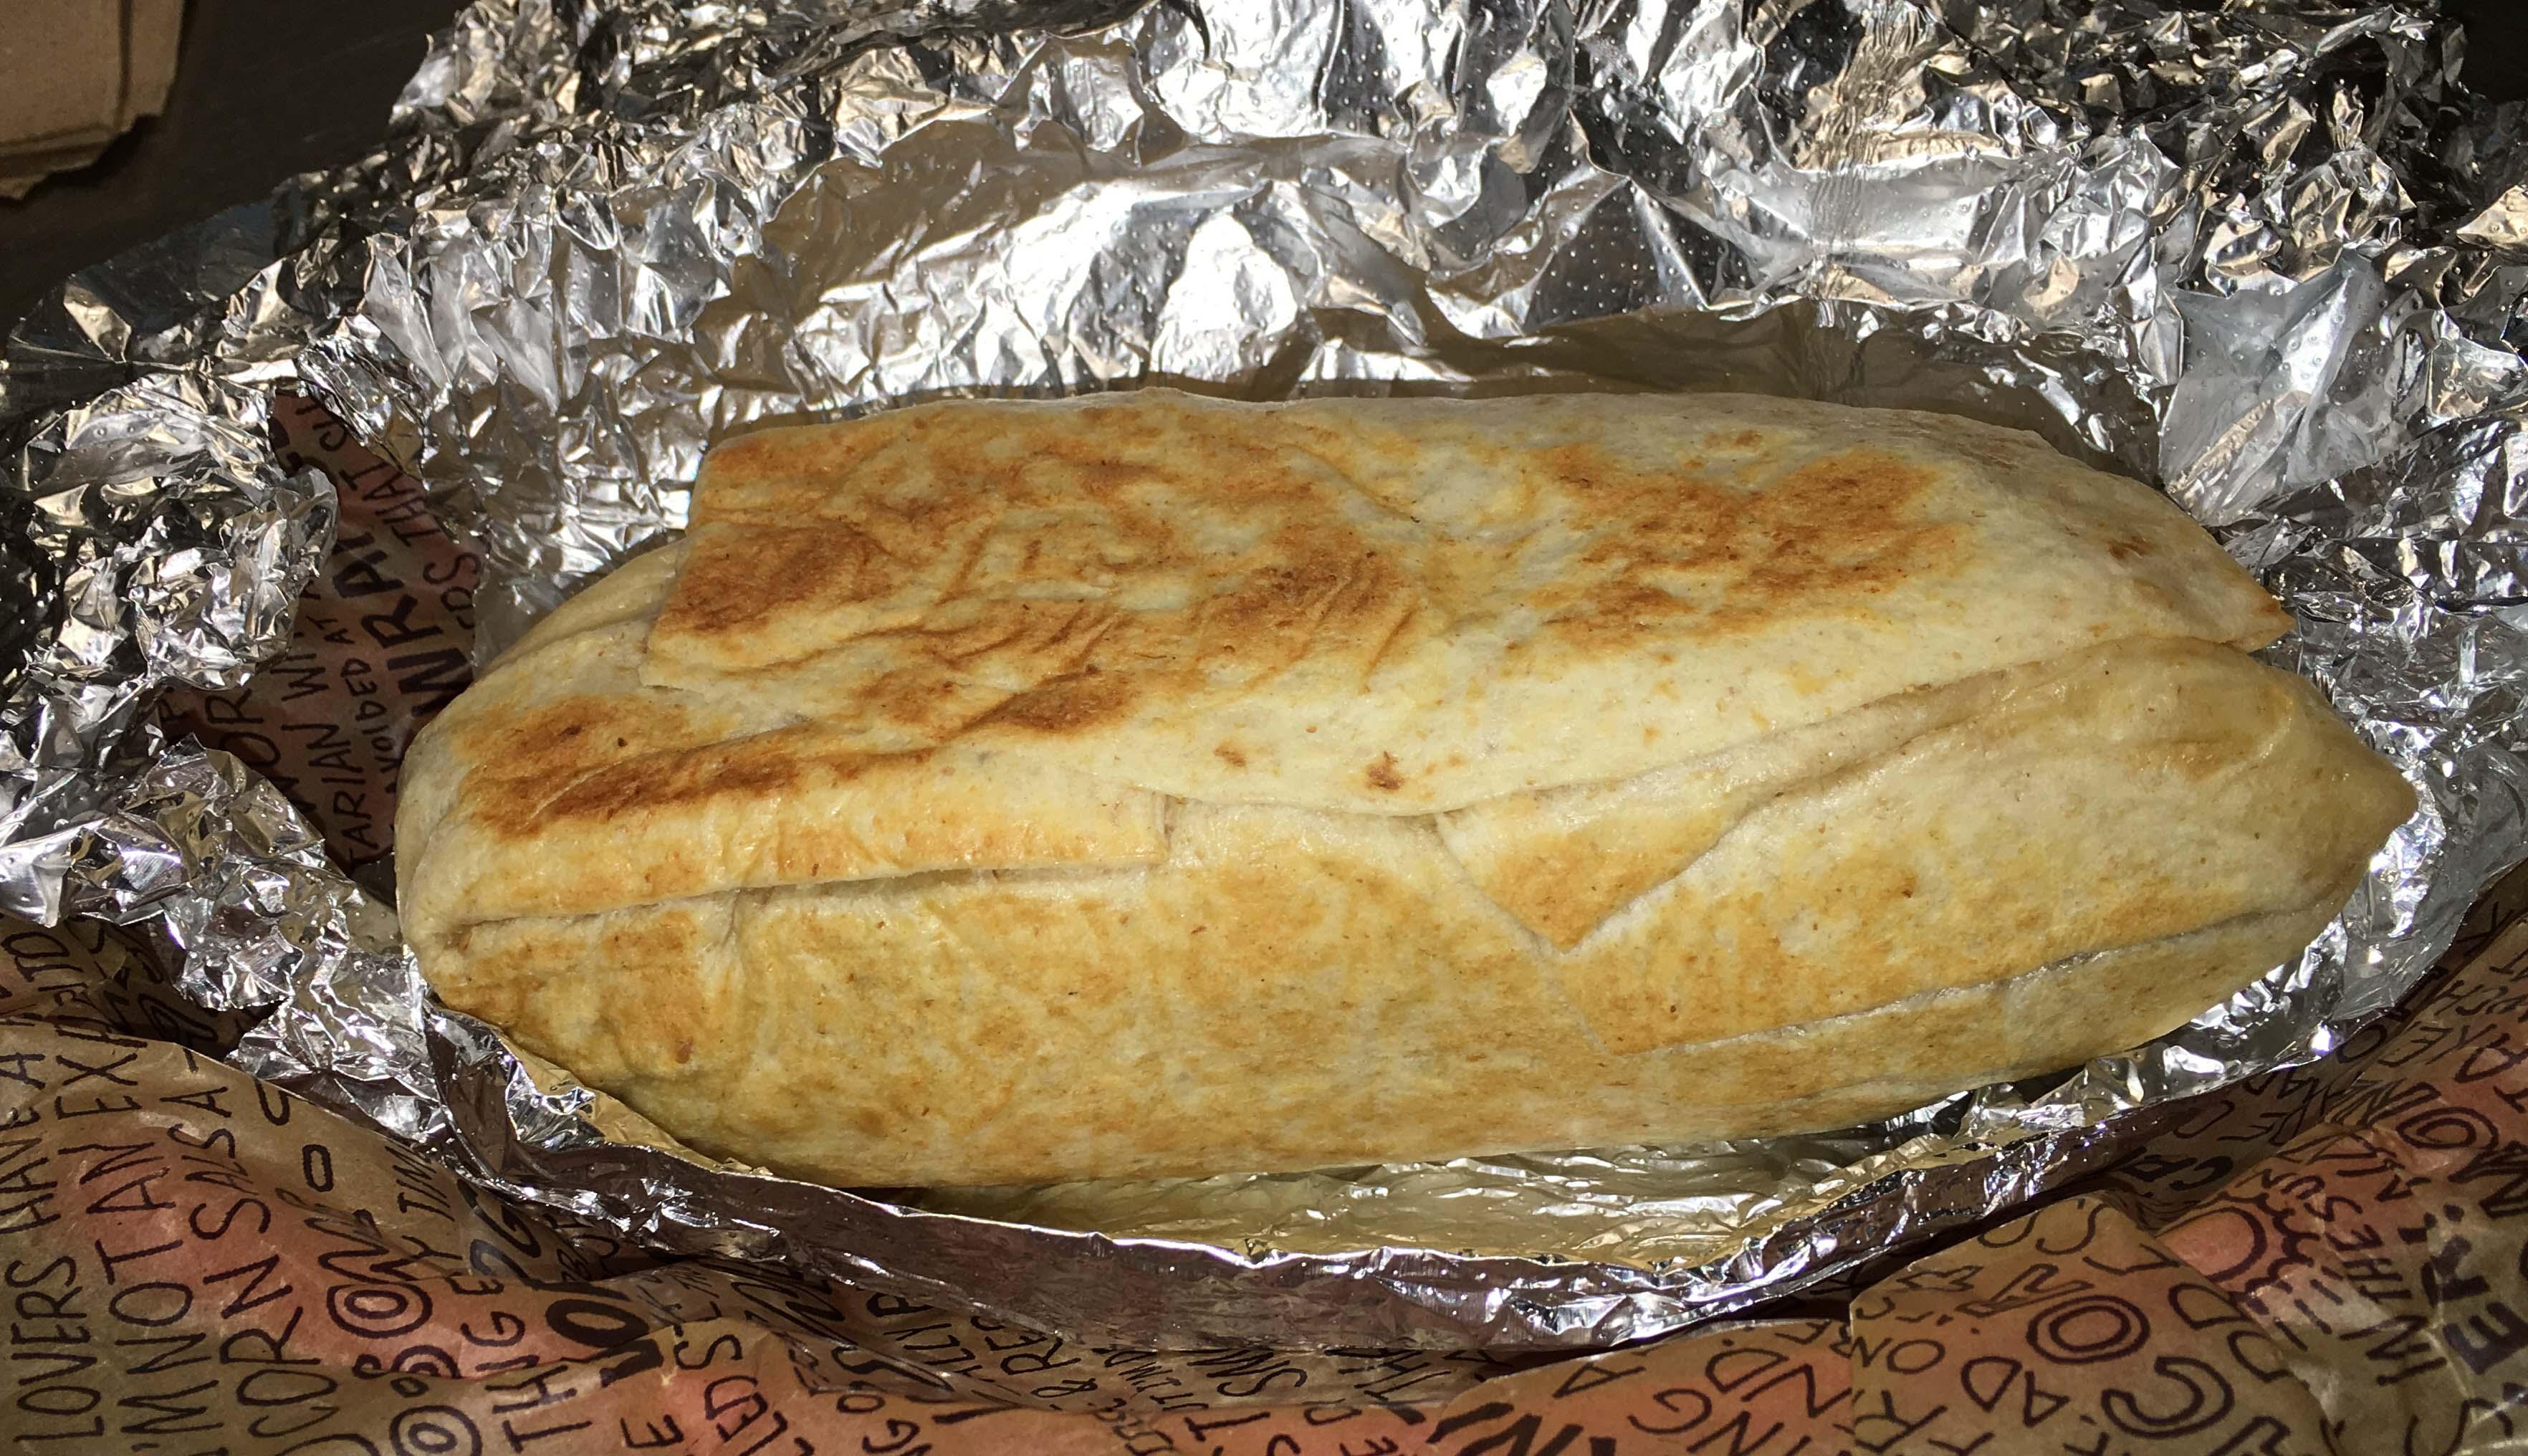 toasted Chipotle burrito